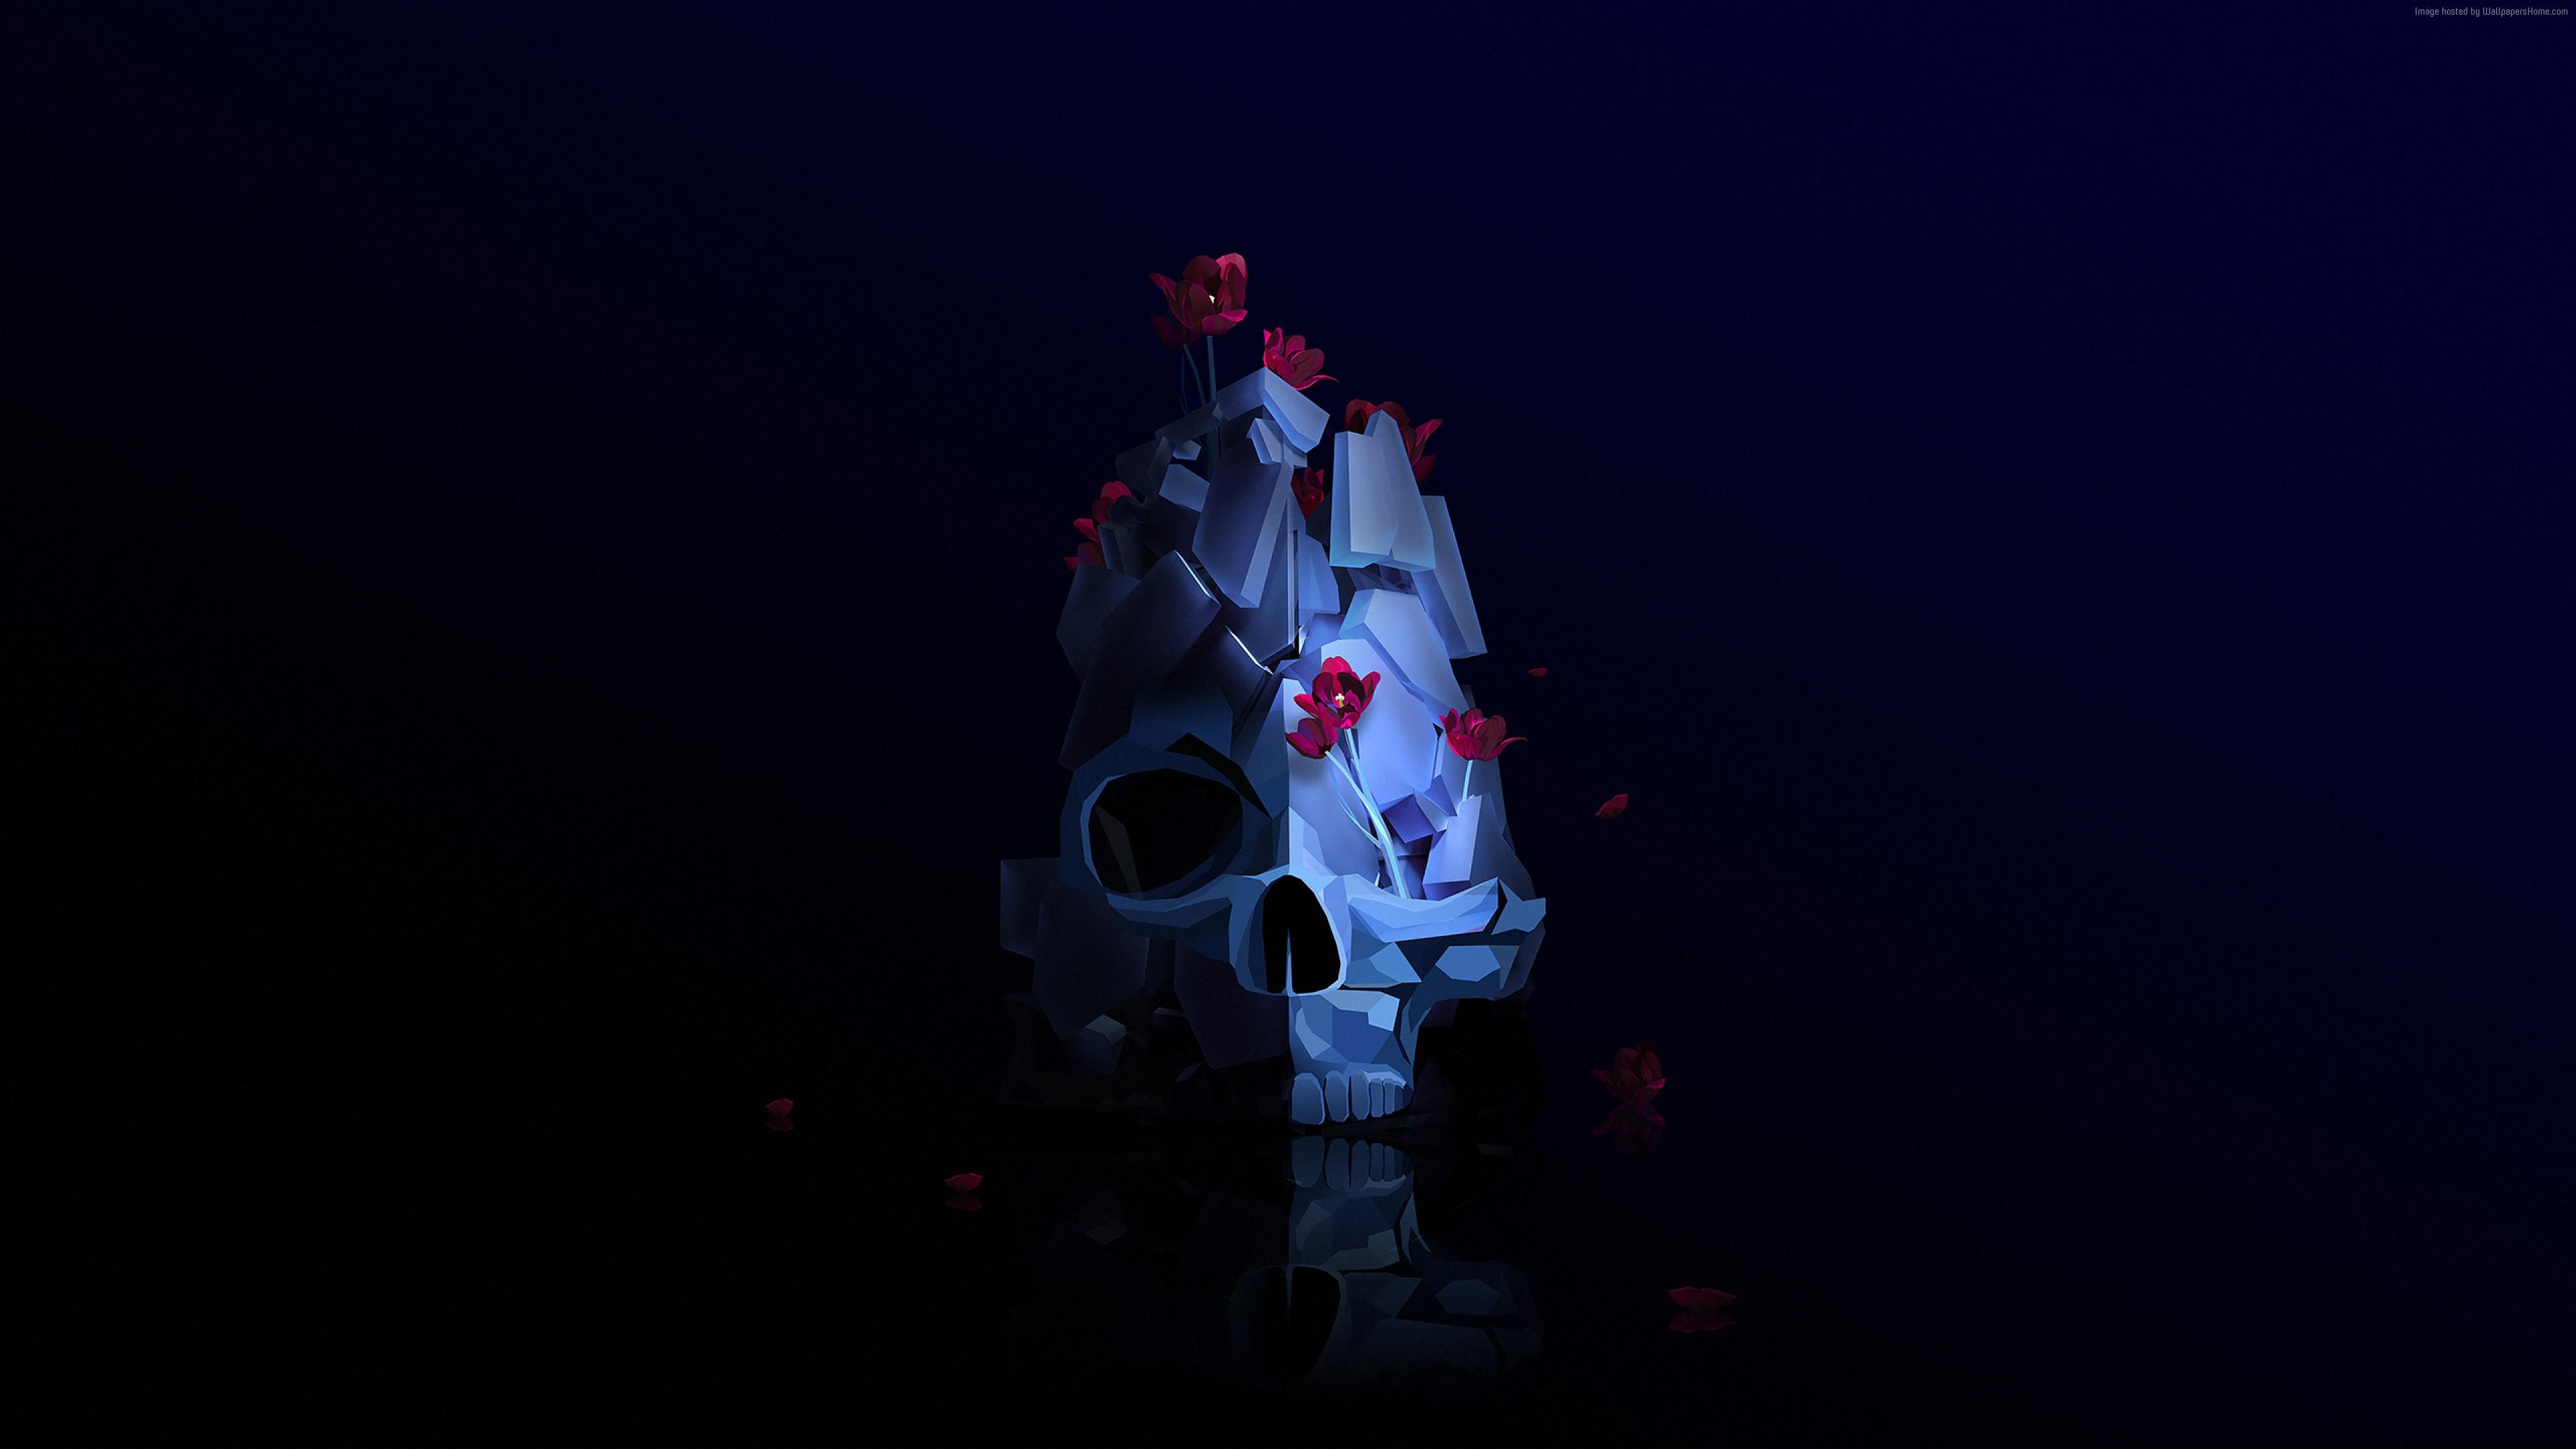 wallpaper skull, flower, 3d, hd, abstract 3d, flower, hd, skull